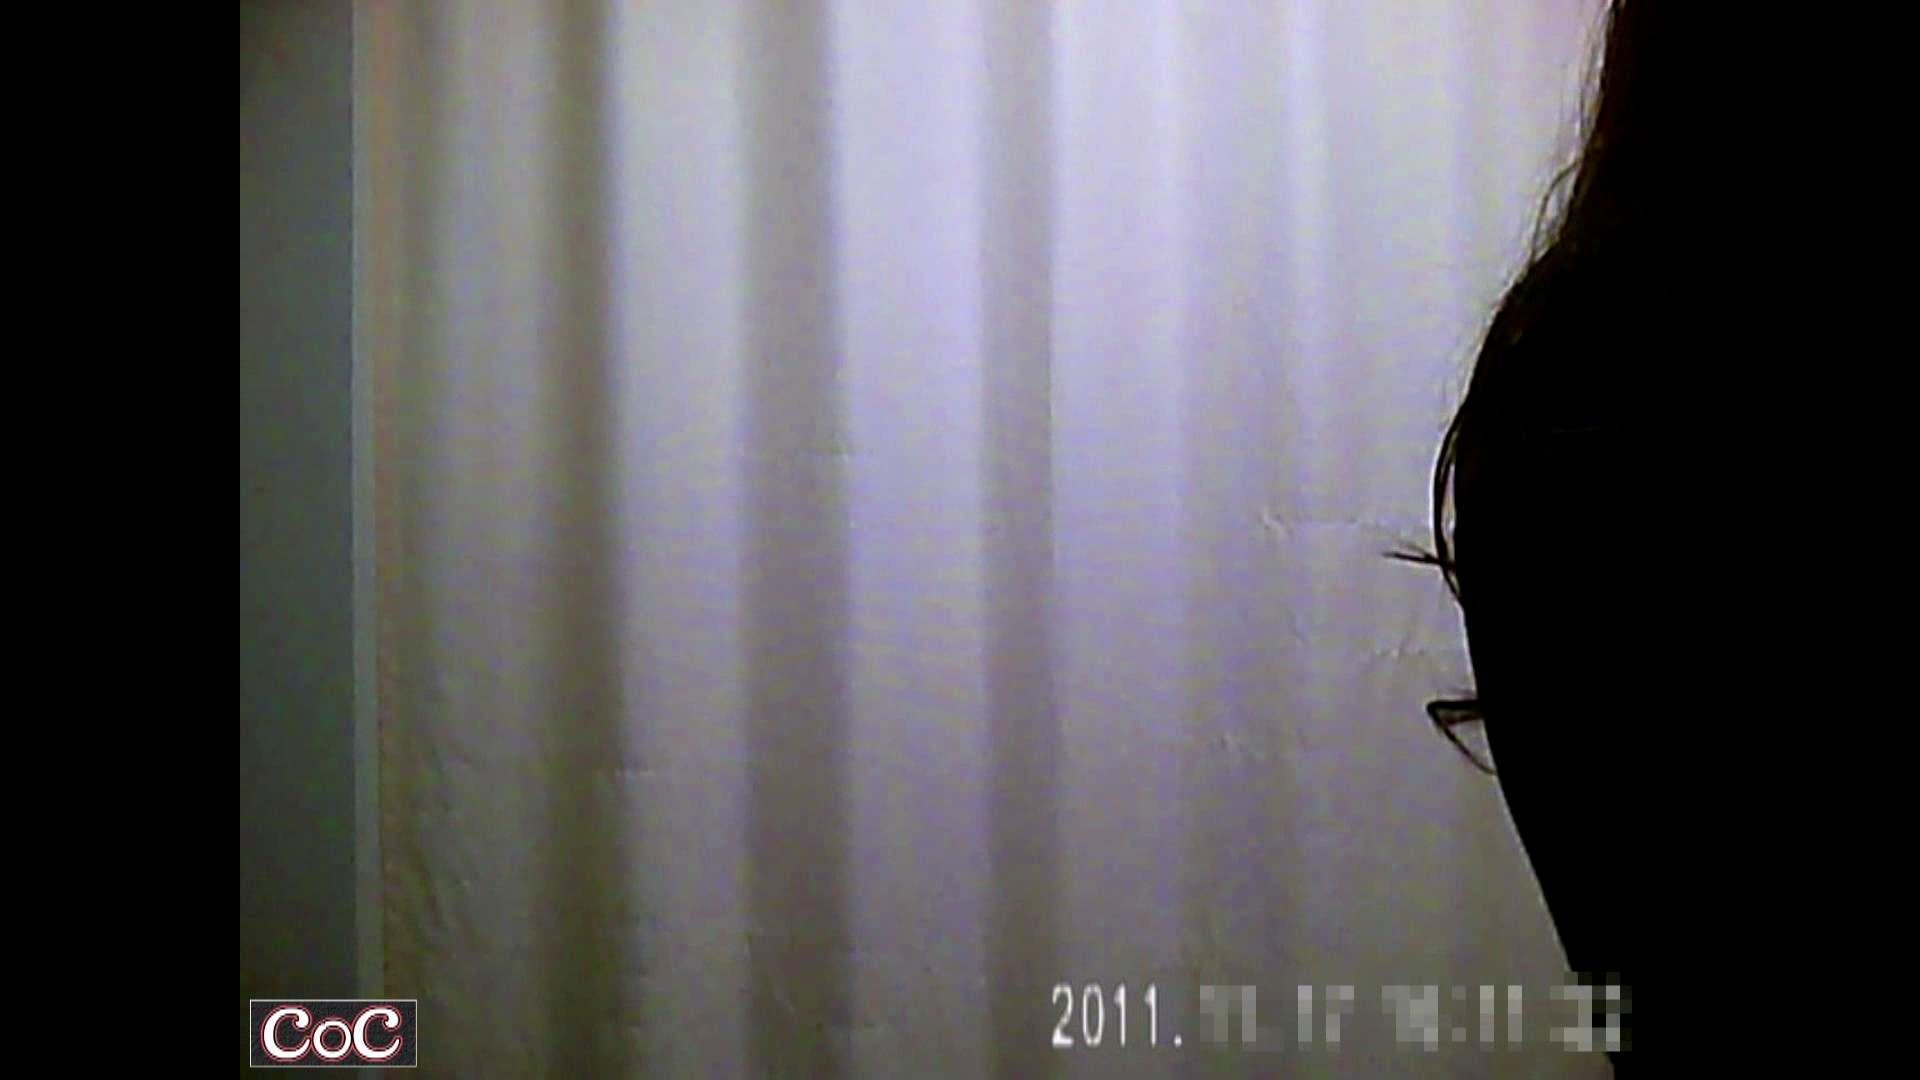 病院おもいっきり着替え! vol.97 OLエロ画像 盗撮おめこ無修正動画無料 46PICs 30